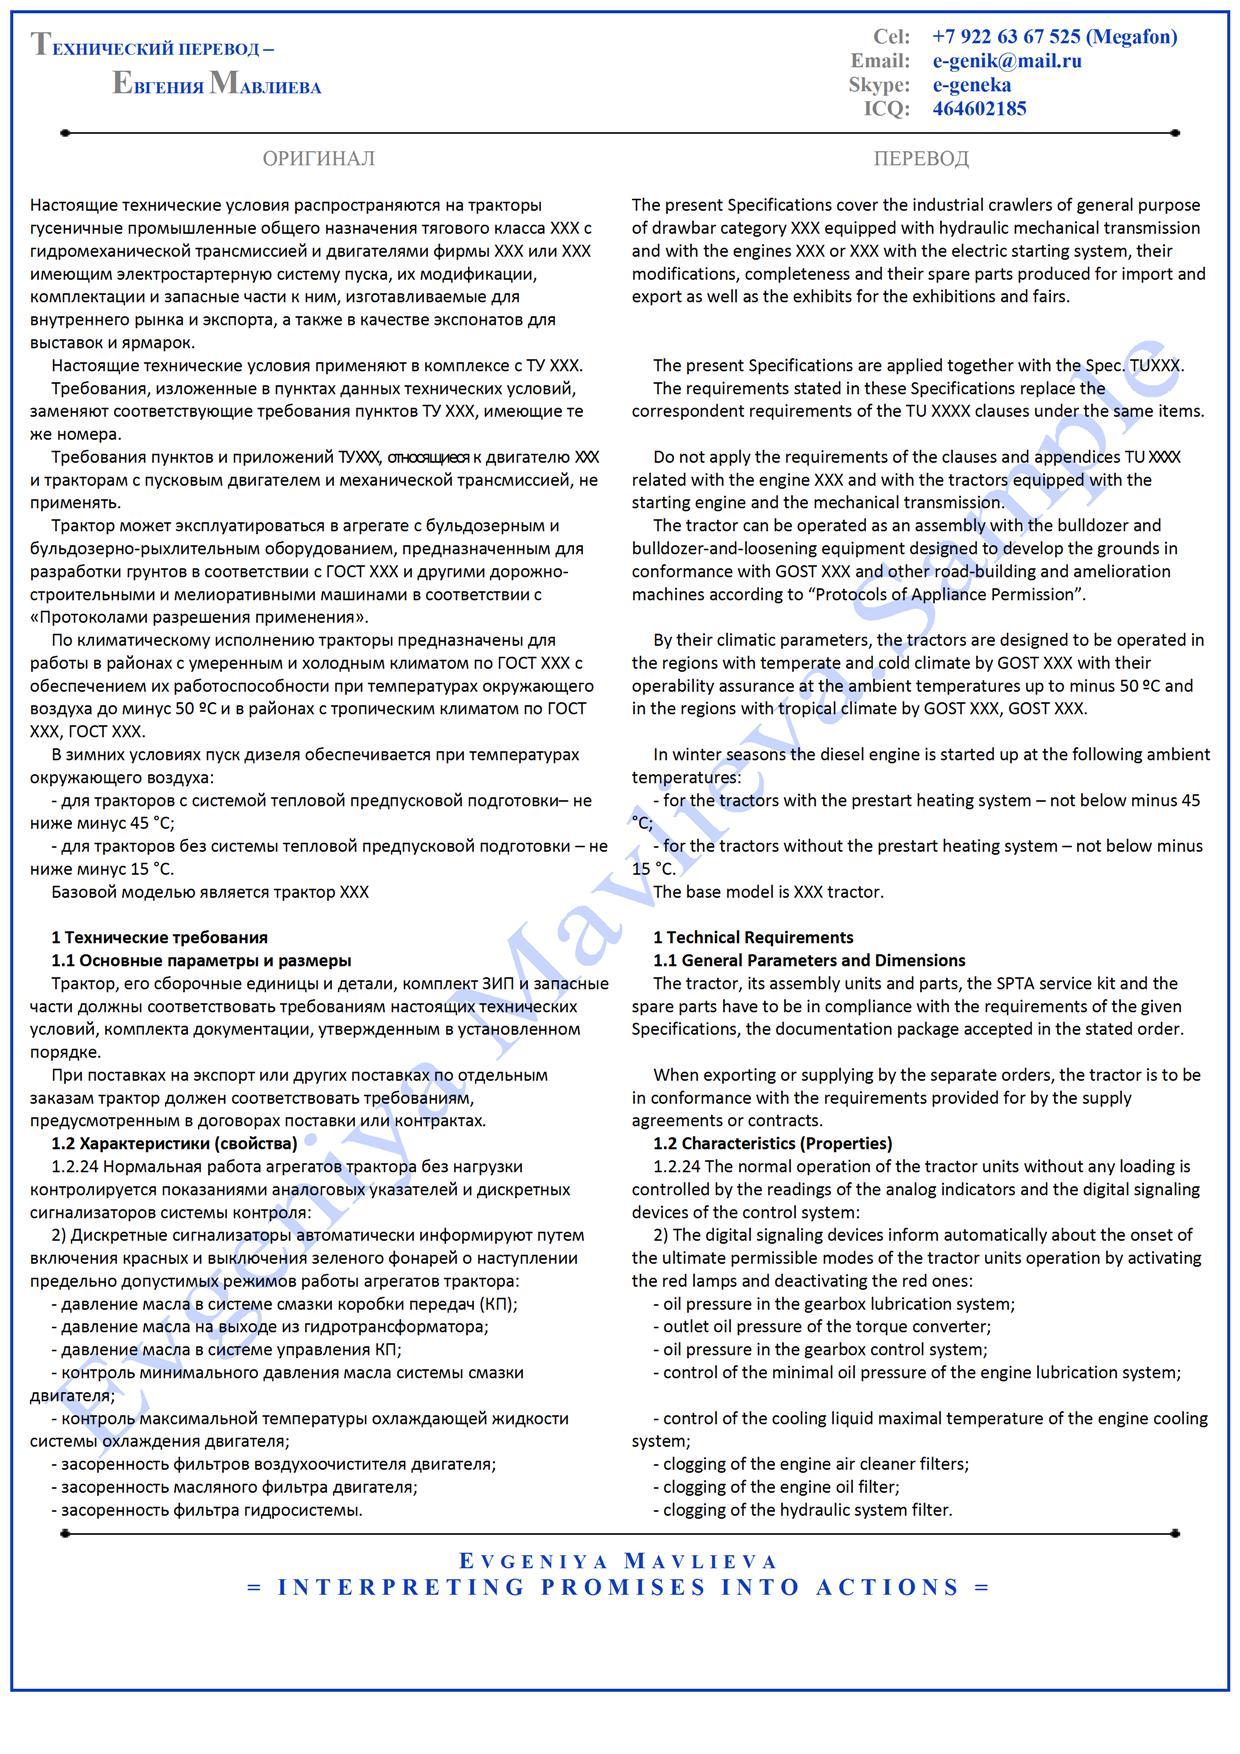 Технические условия (ТУ) RU>EN